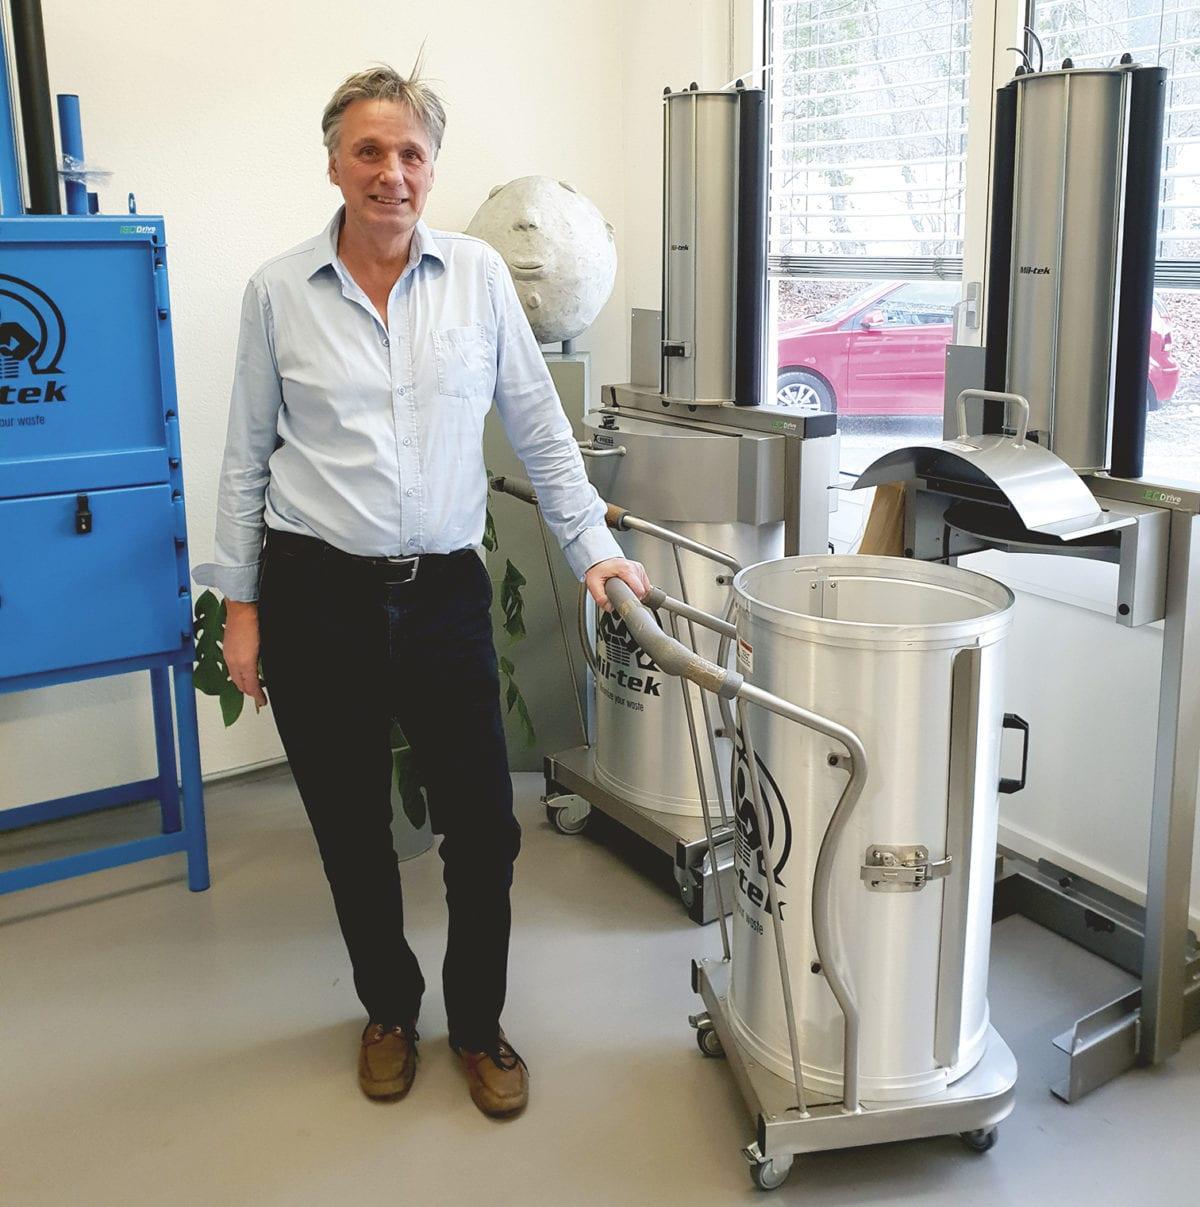 Mil-tek, les presses à déchets écologiques et économiques